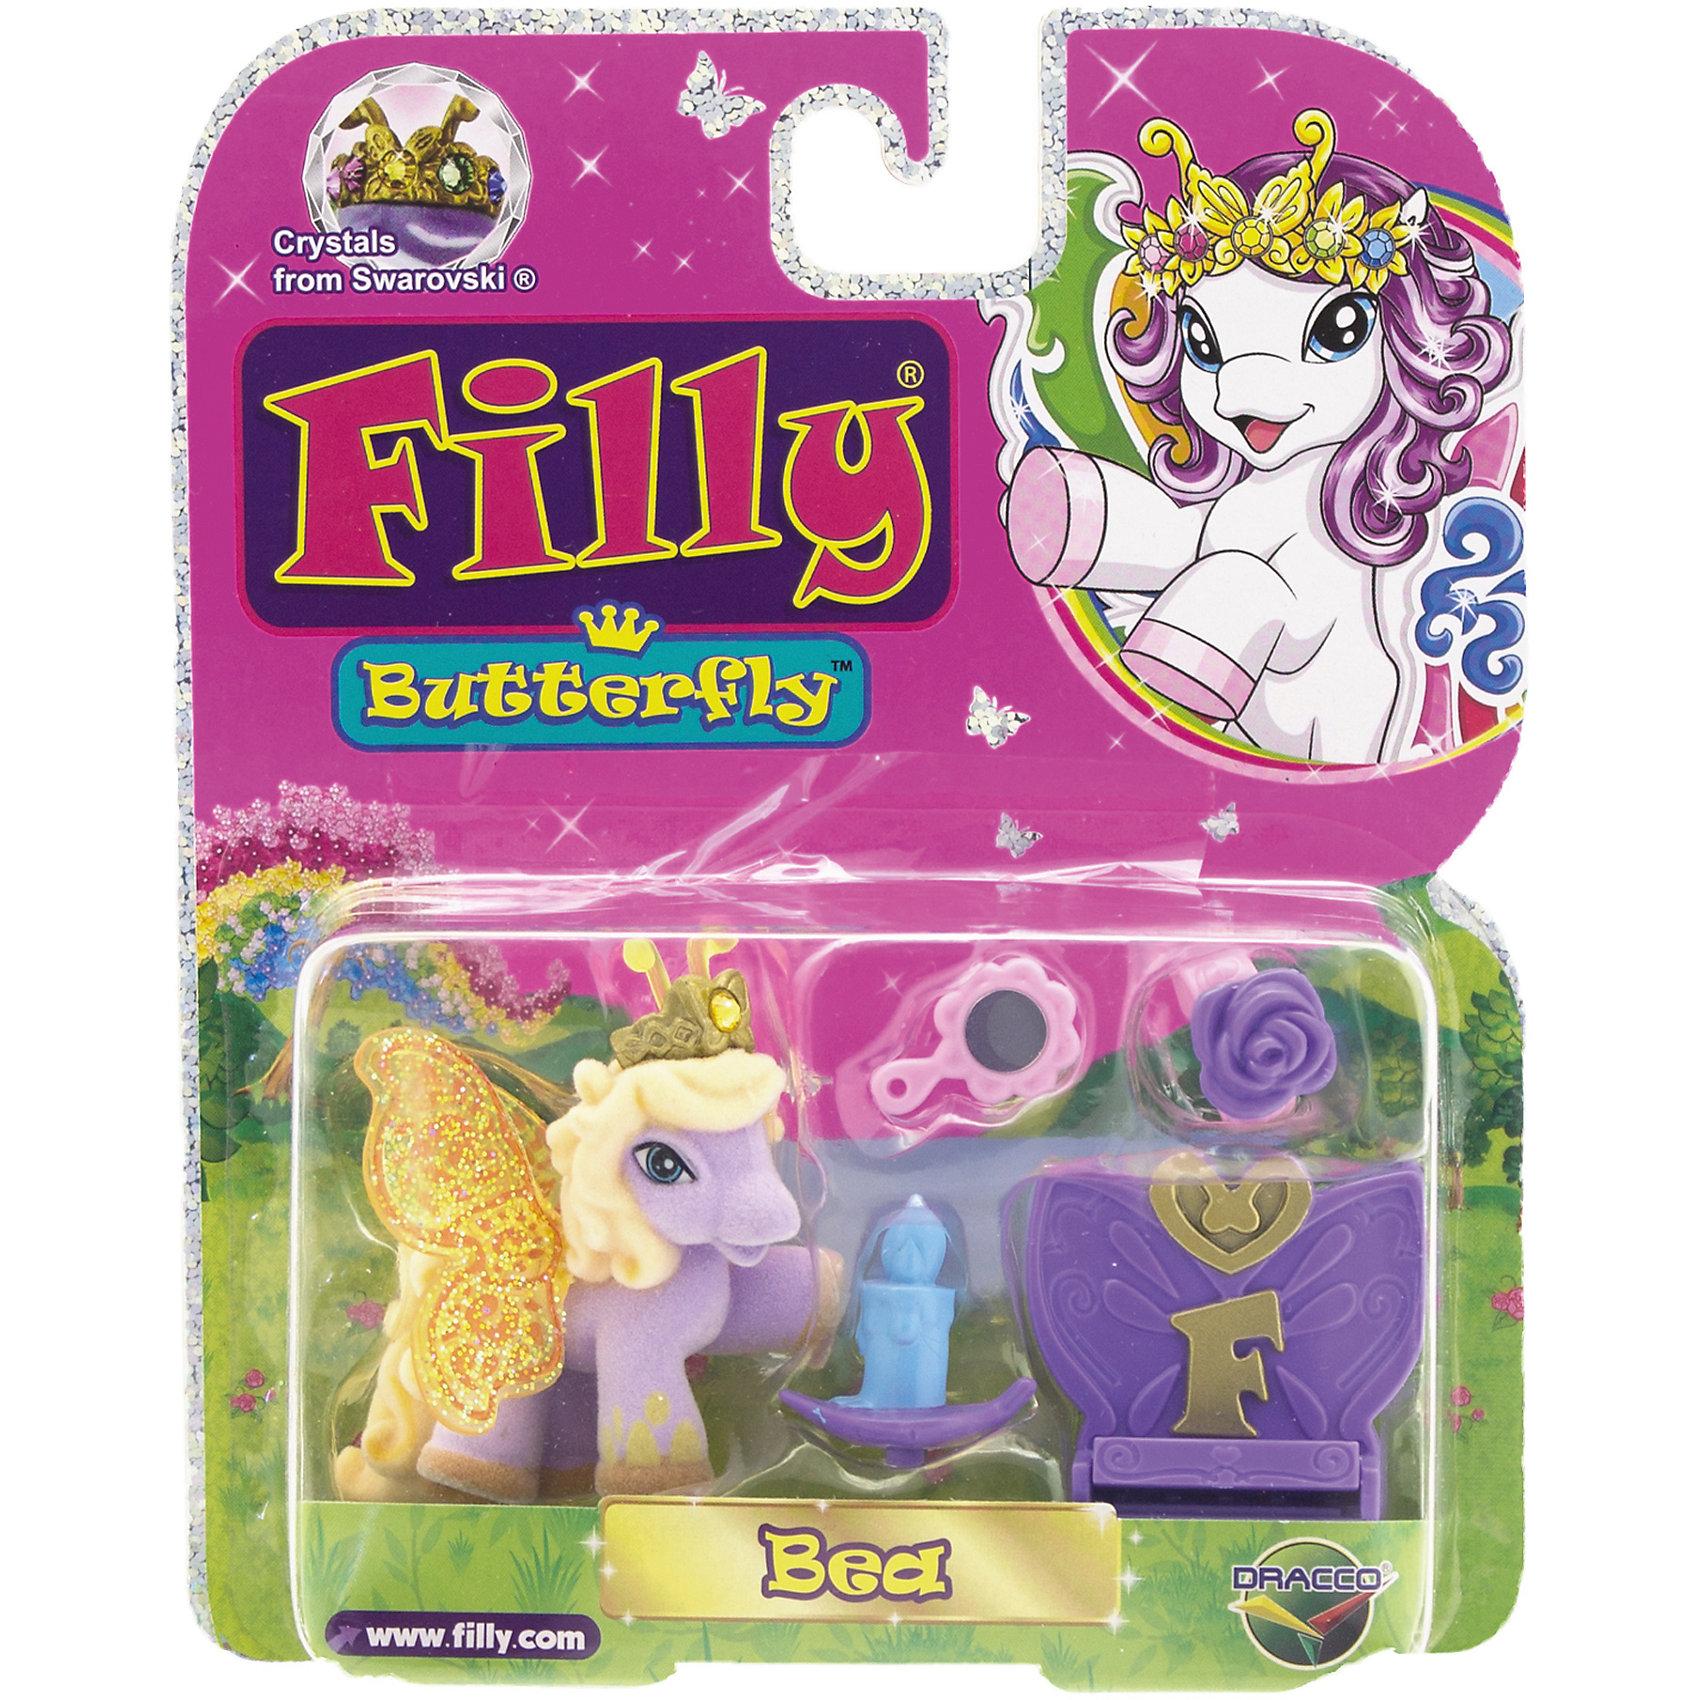 ������� � ������������ Bea, Filly, Dracco (-)